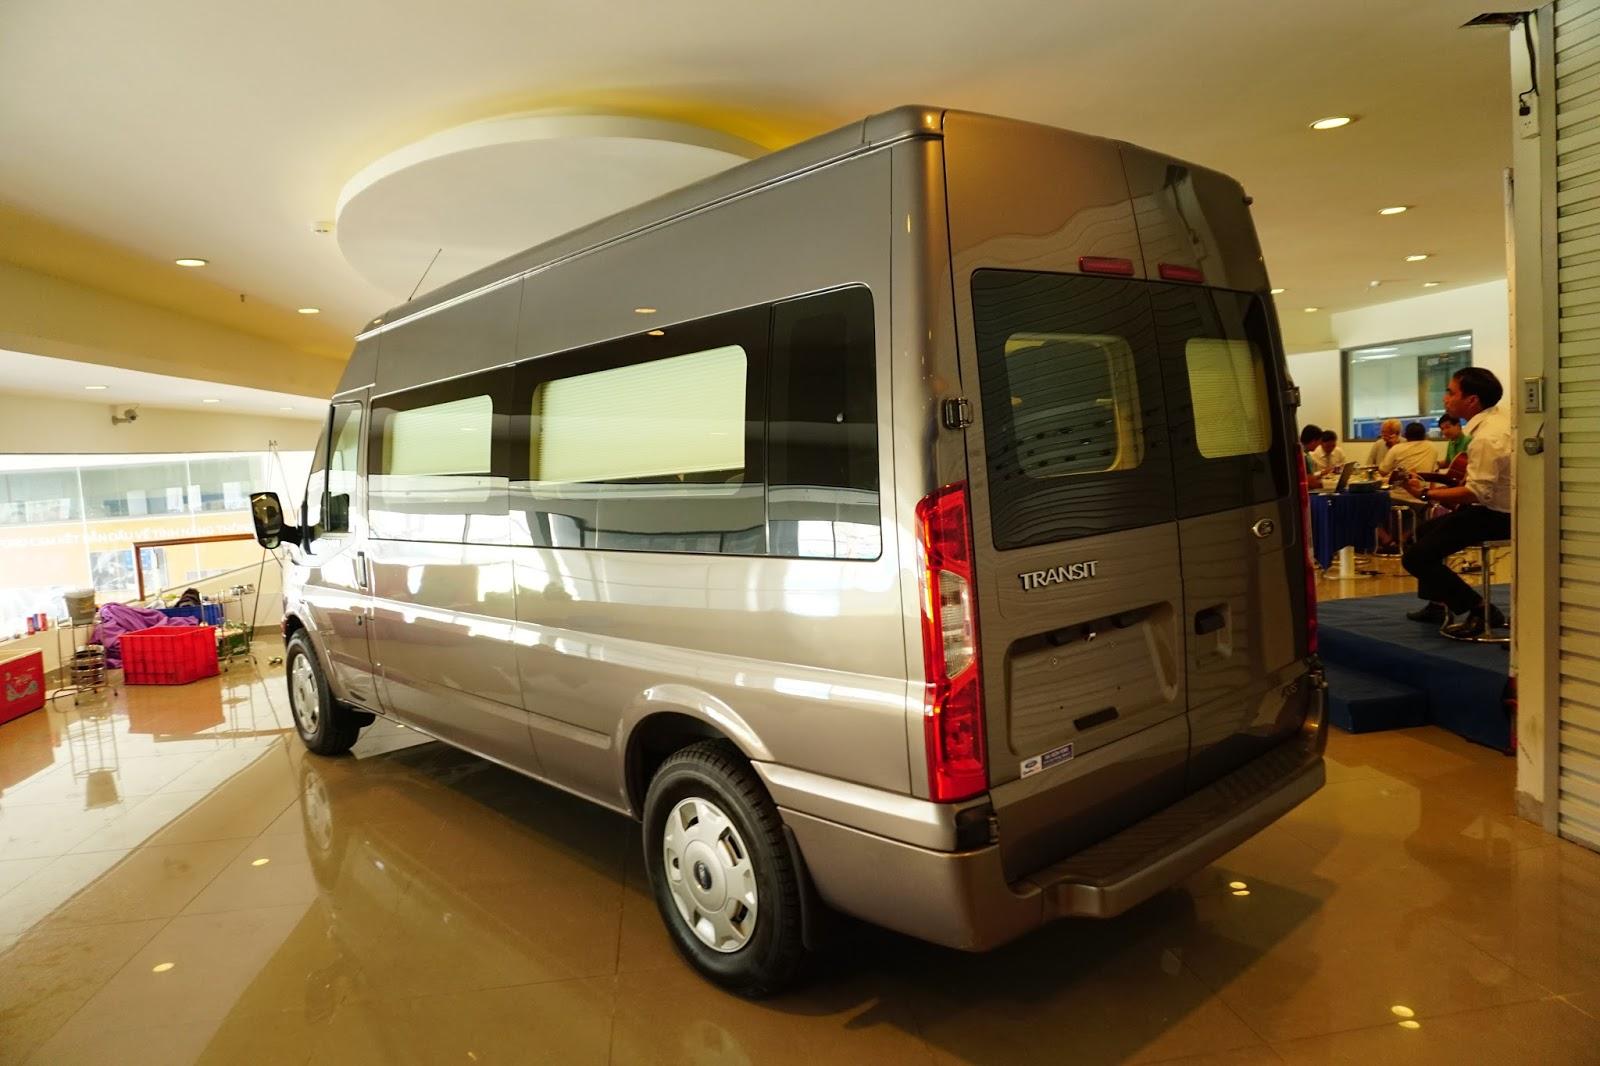 Về ngoại thất, thì Ford Transit Limousine không có nhiều thay đổi so với bản gốc